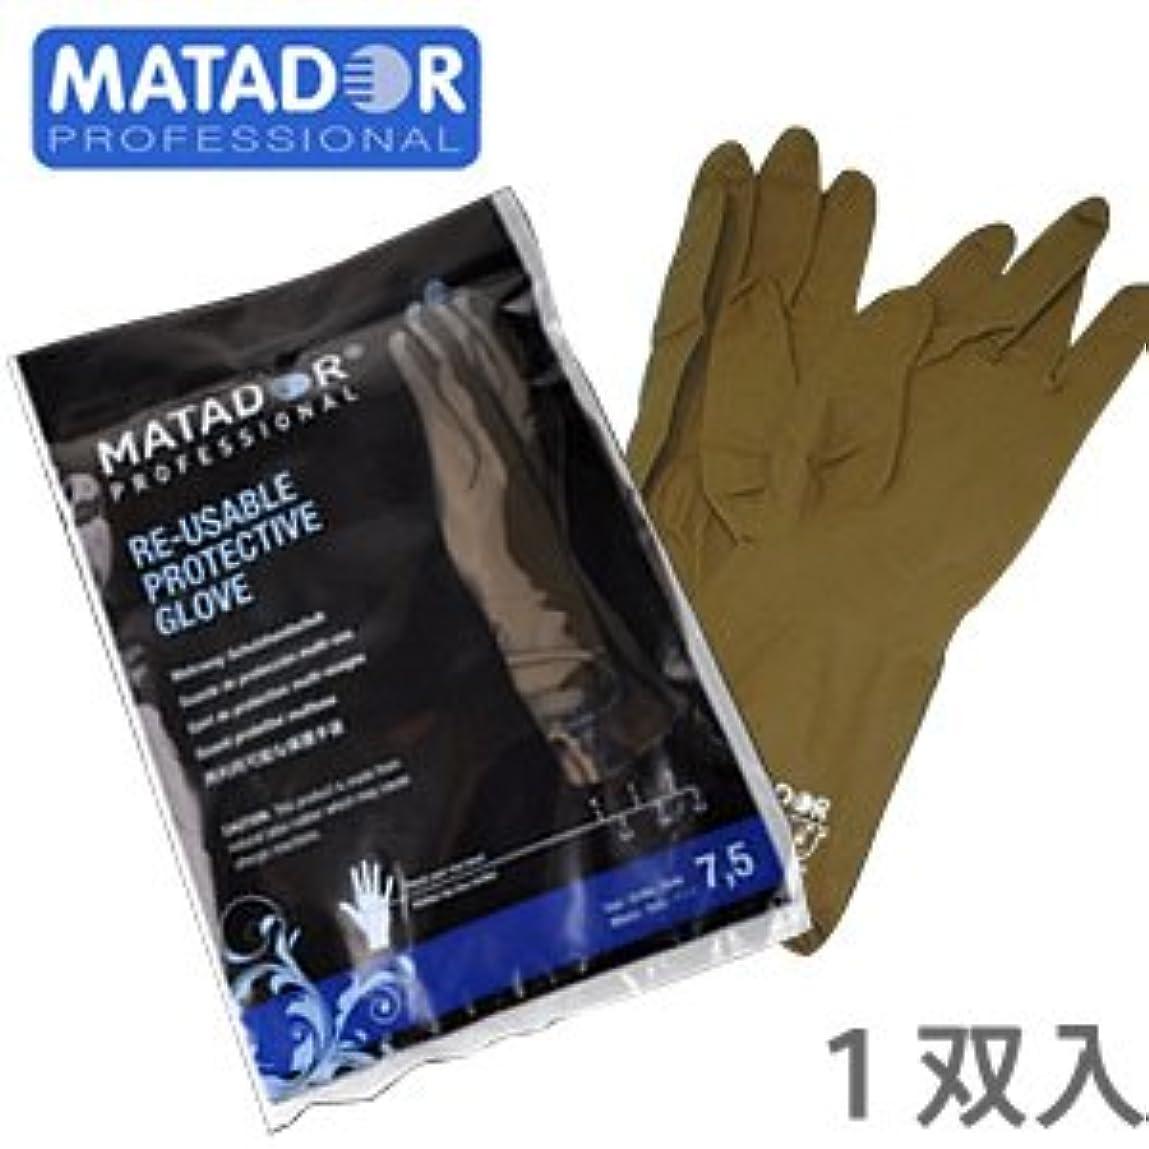 出撃者飲食店ジャグリングマタドールゴム手袋 7.5吋 【5個セット】